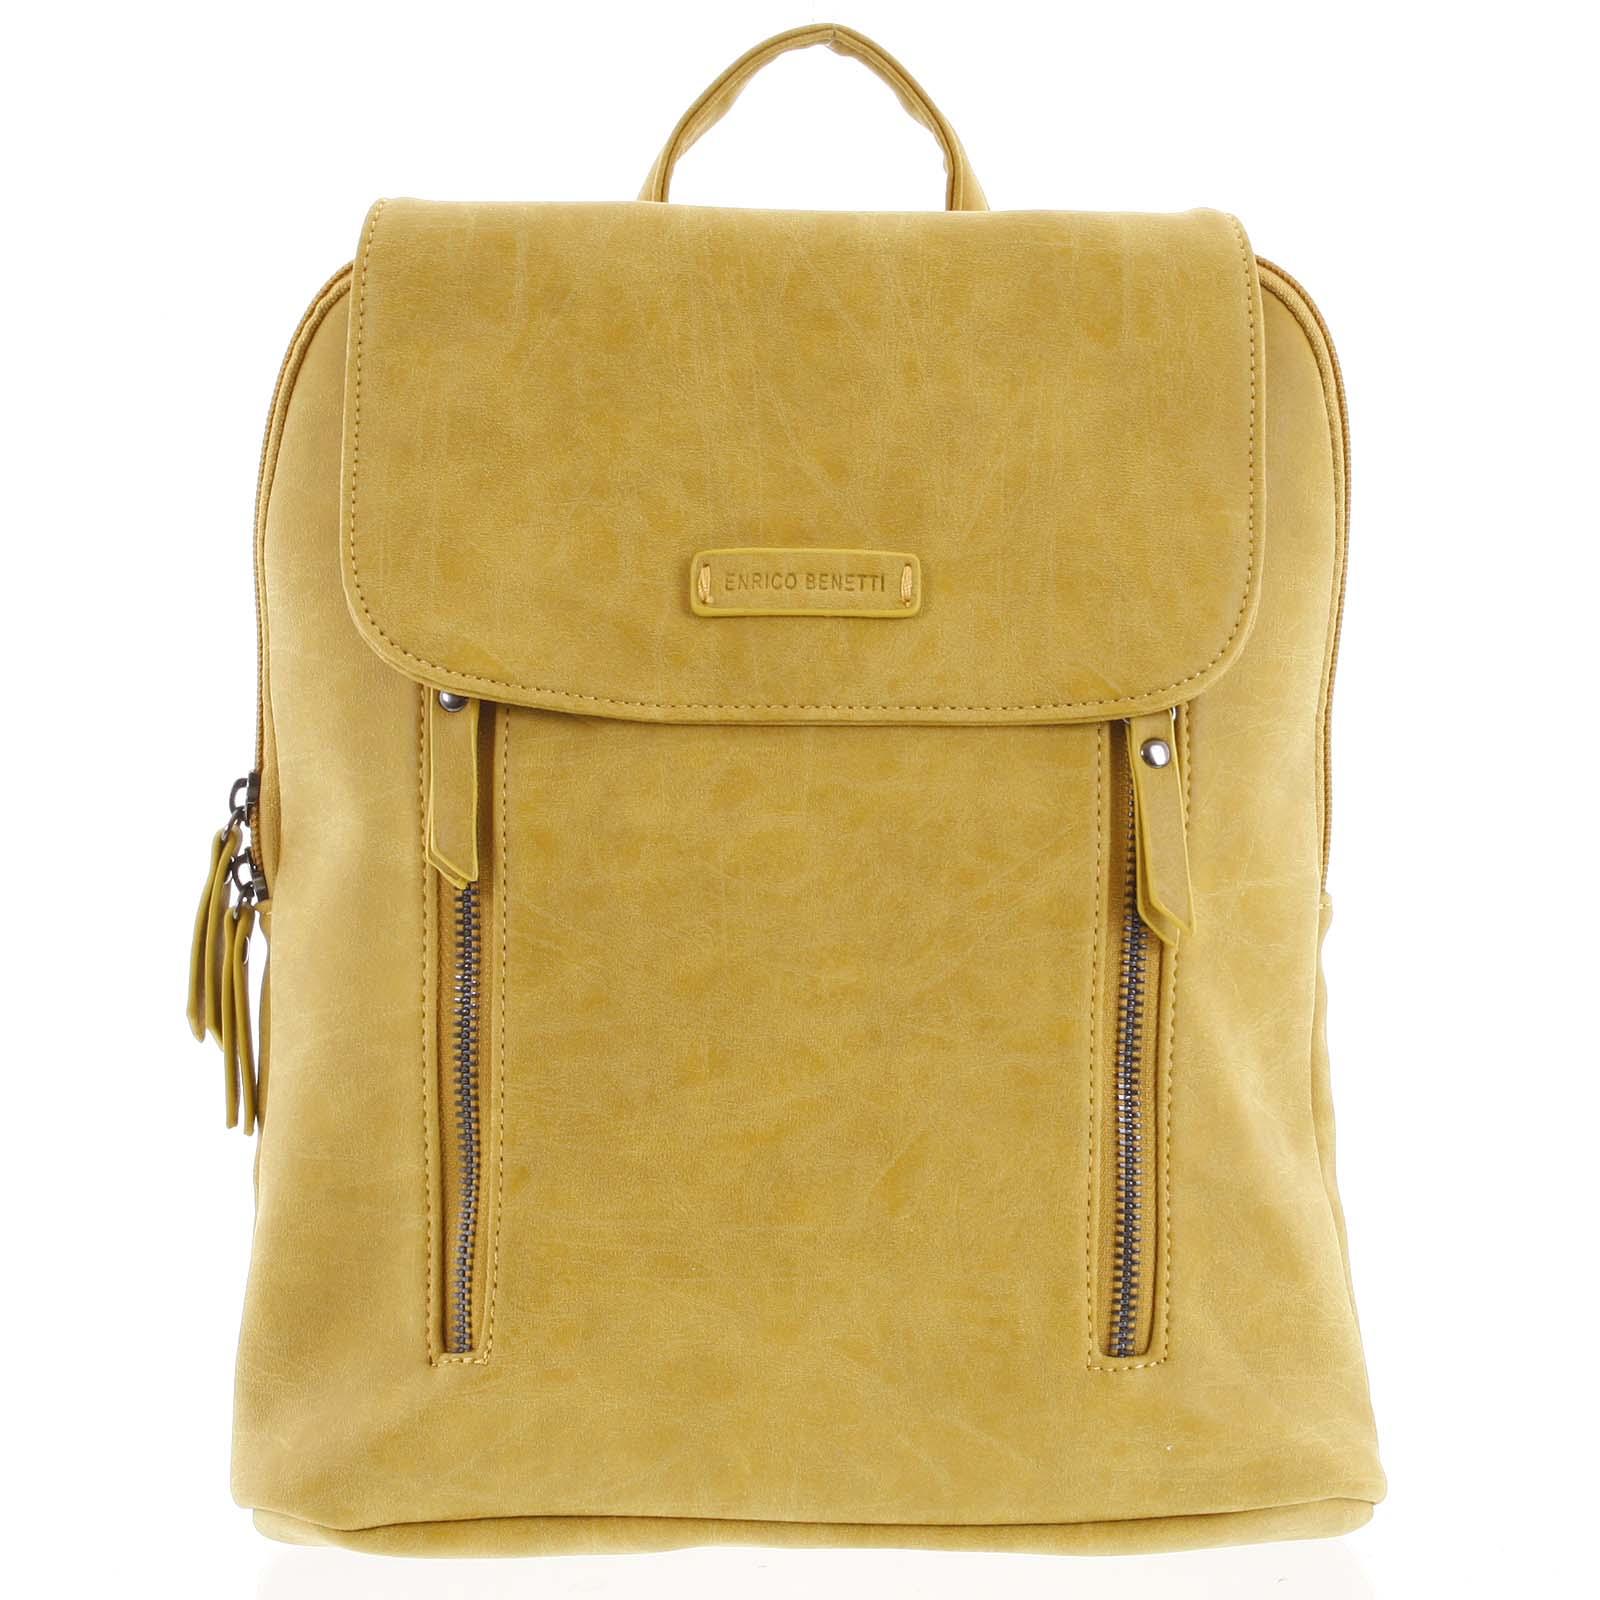 Dámsky stredný batoh žltý - Enrico Benetti Aviana